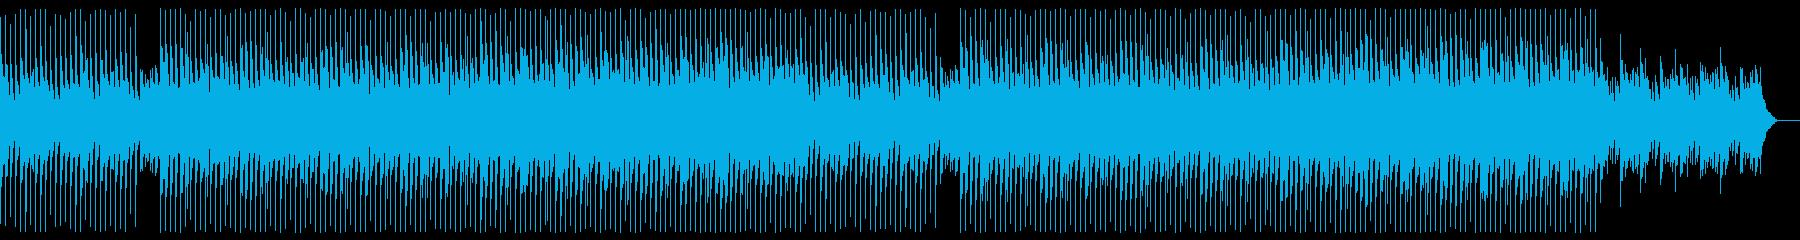 企業VP コーポレート 爽やか シンプルの再生済みの波形